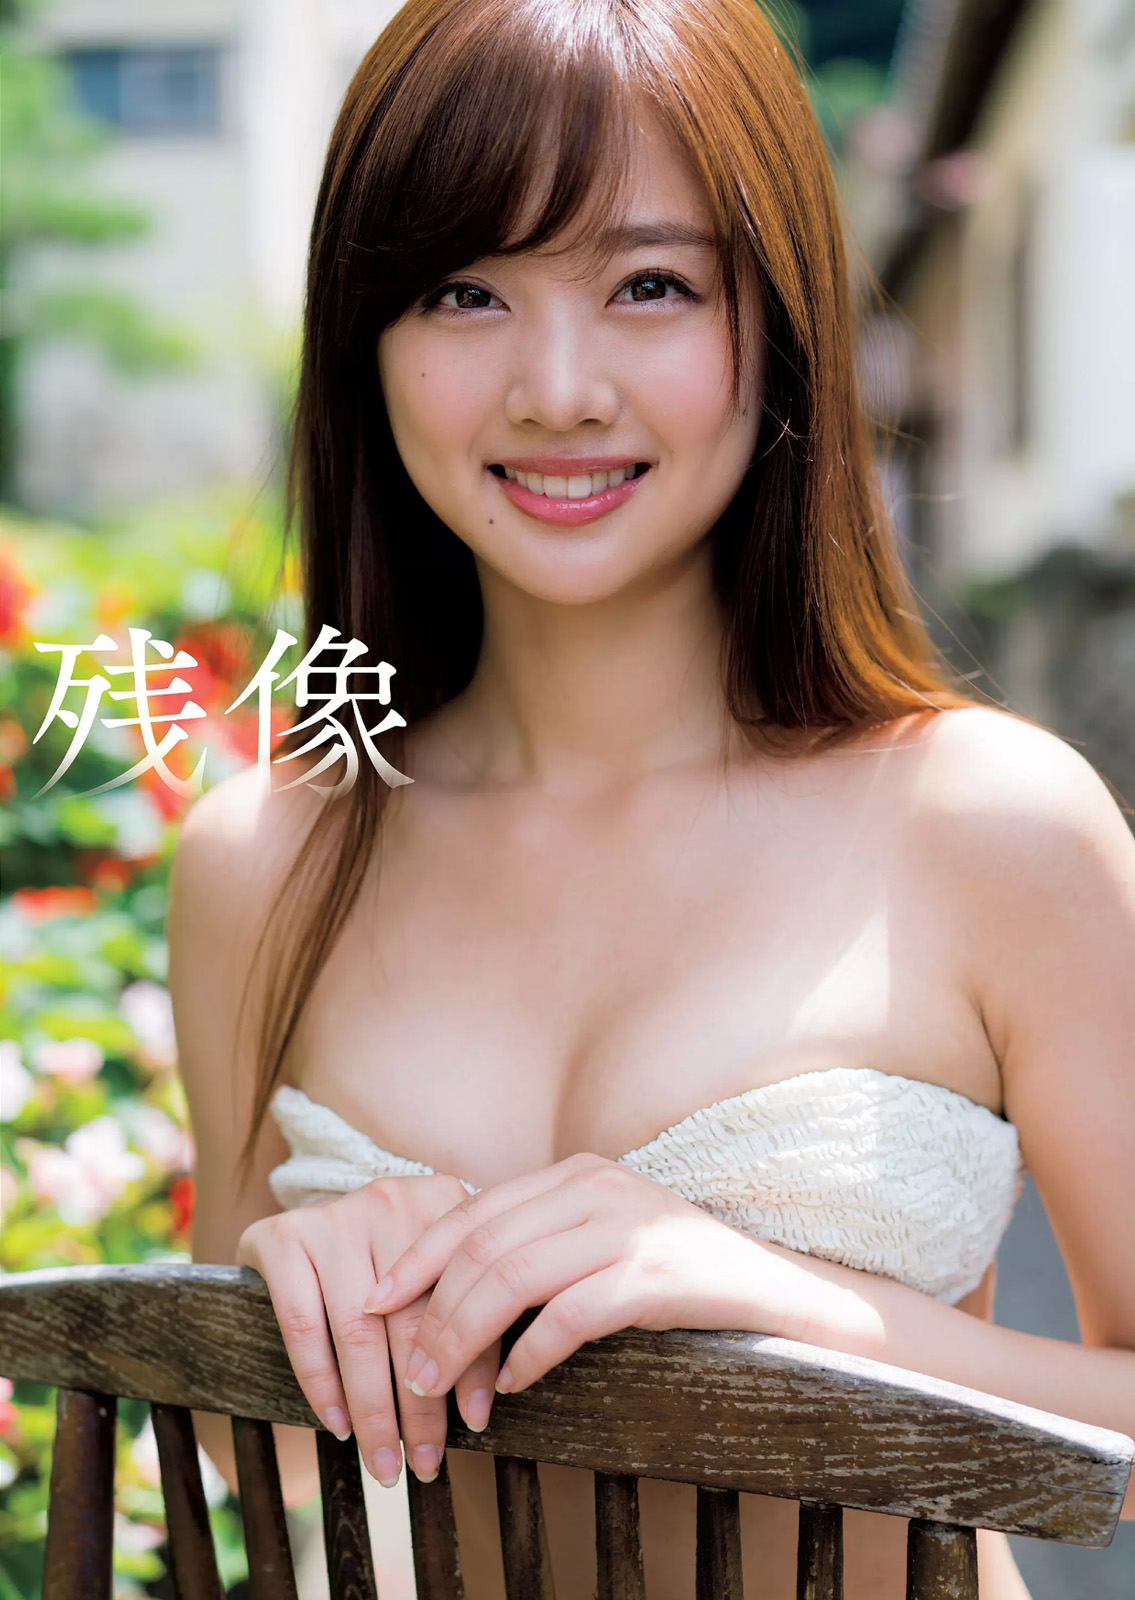 モデル熊江琉唯(22)の抜けるエロ画像130枚・3枚目の画像